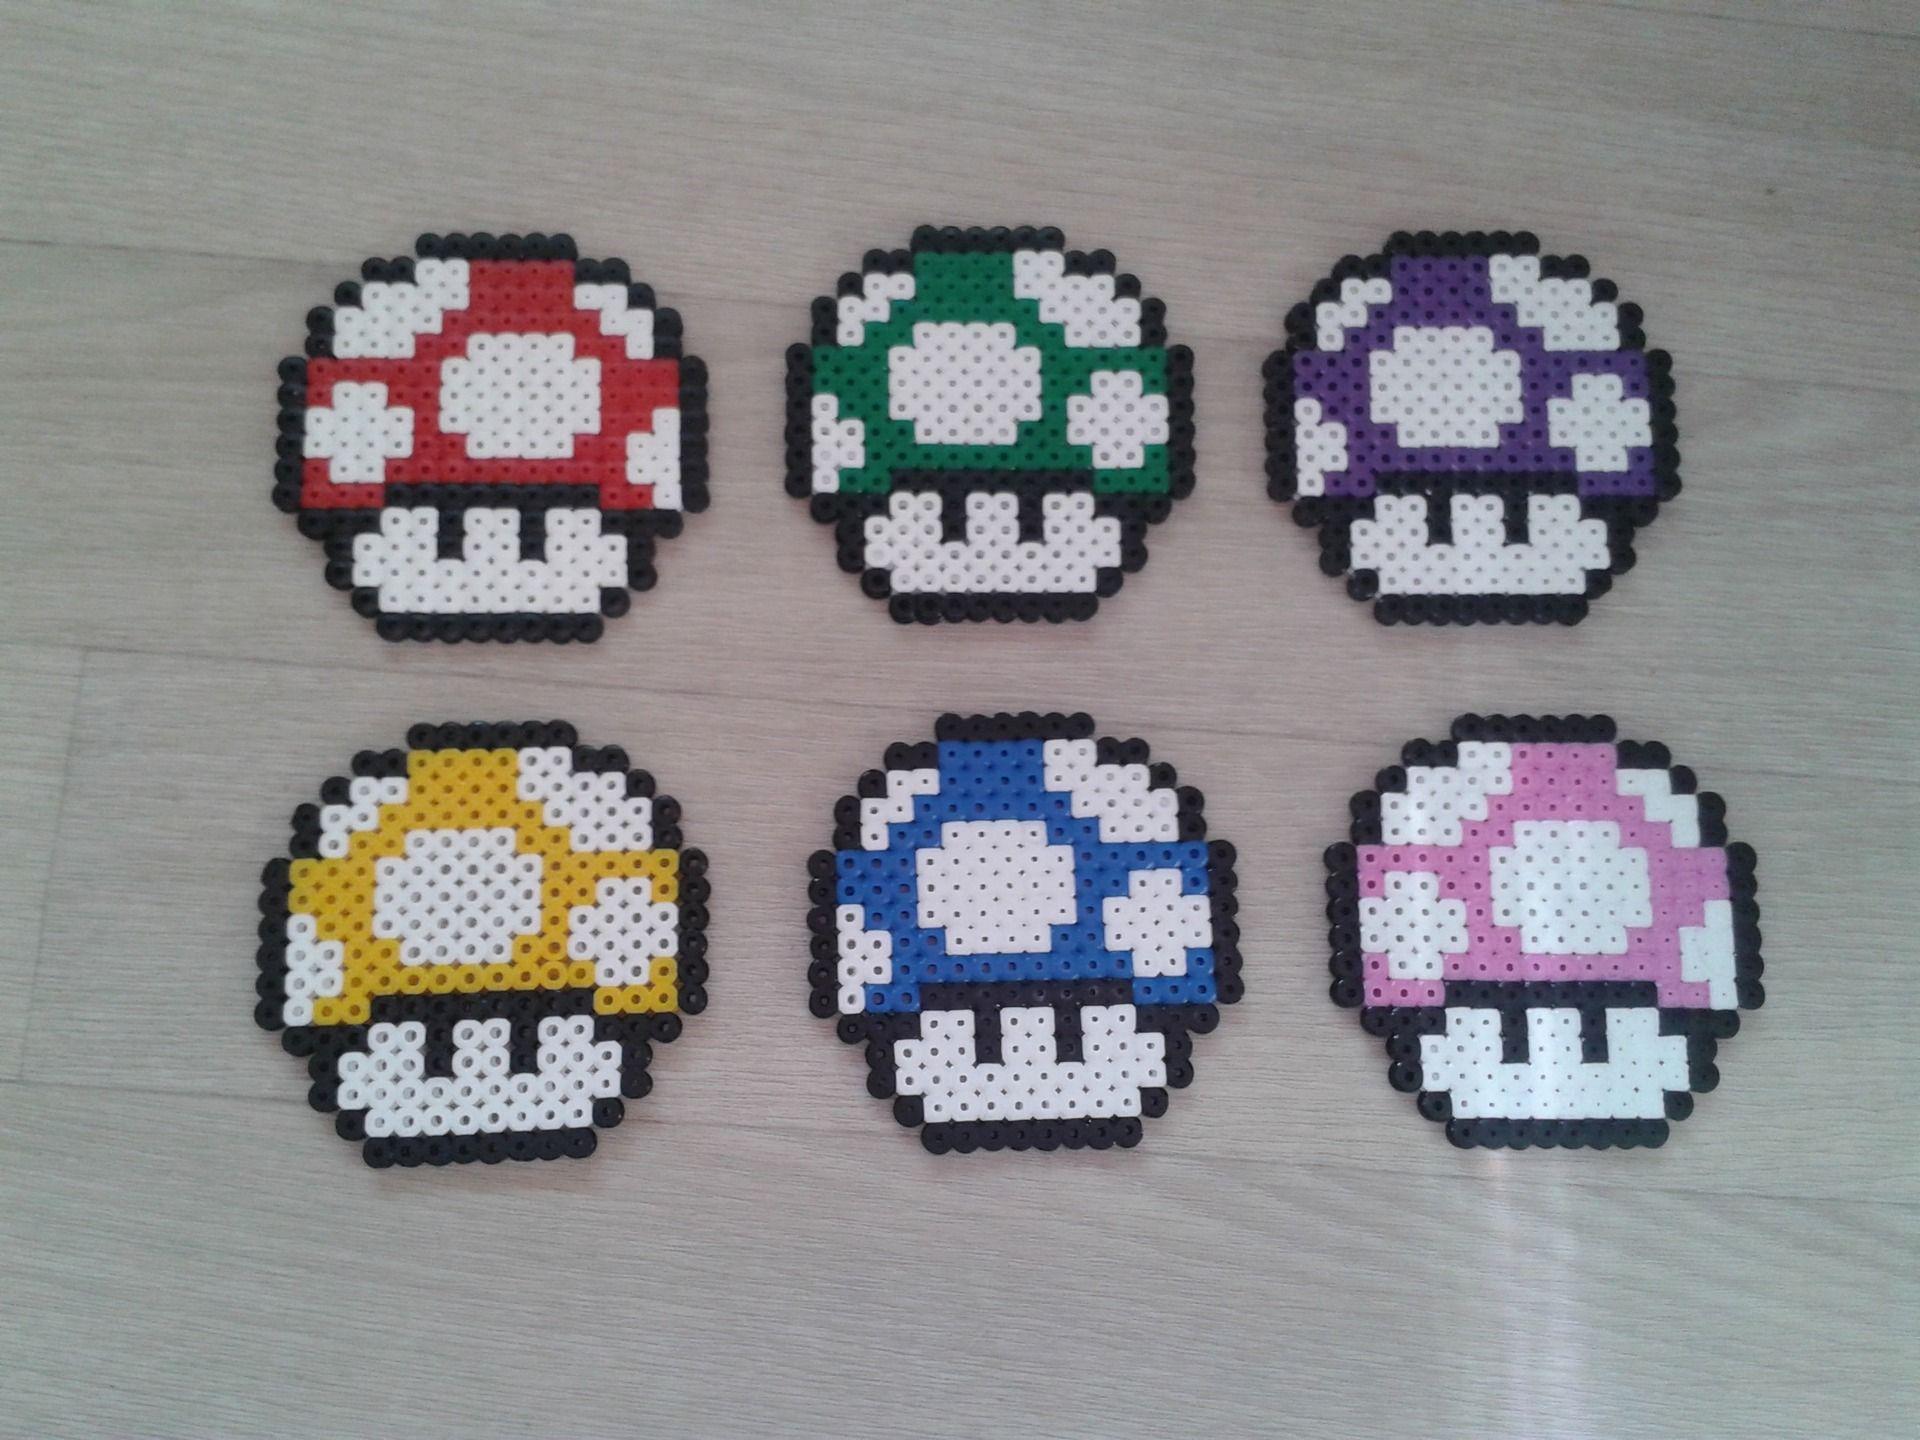 Lot de 6 dessous de verre champignon Mario en perle Hama | Perles hama, Perle hama mario et ...